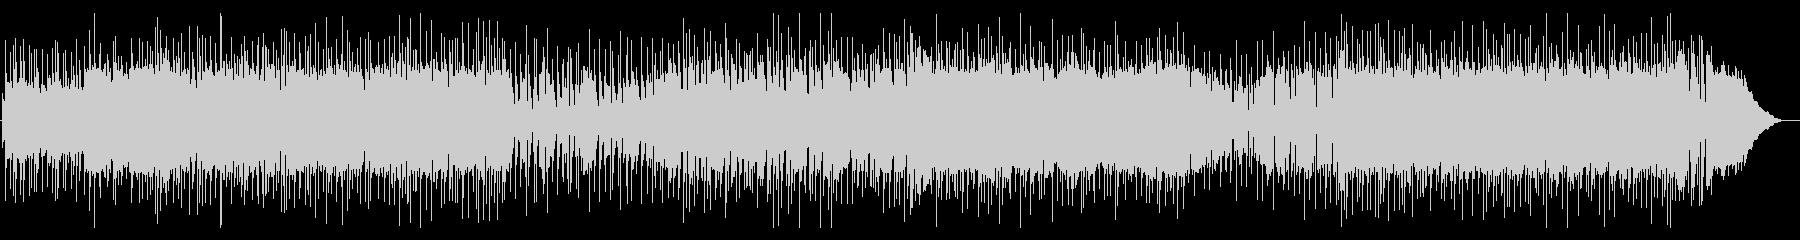 60'S オールドロックバンドサウンドの未再生の波形